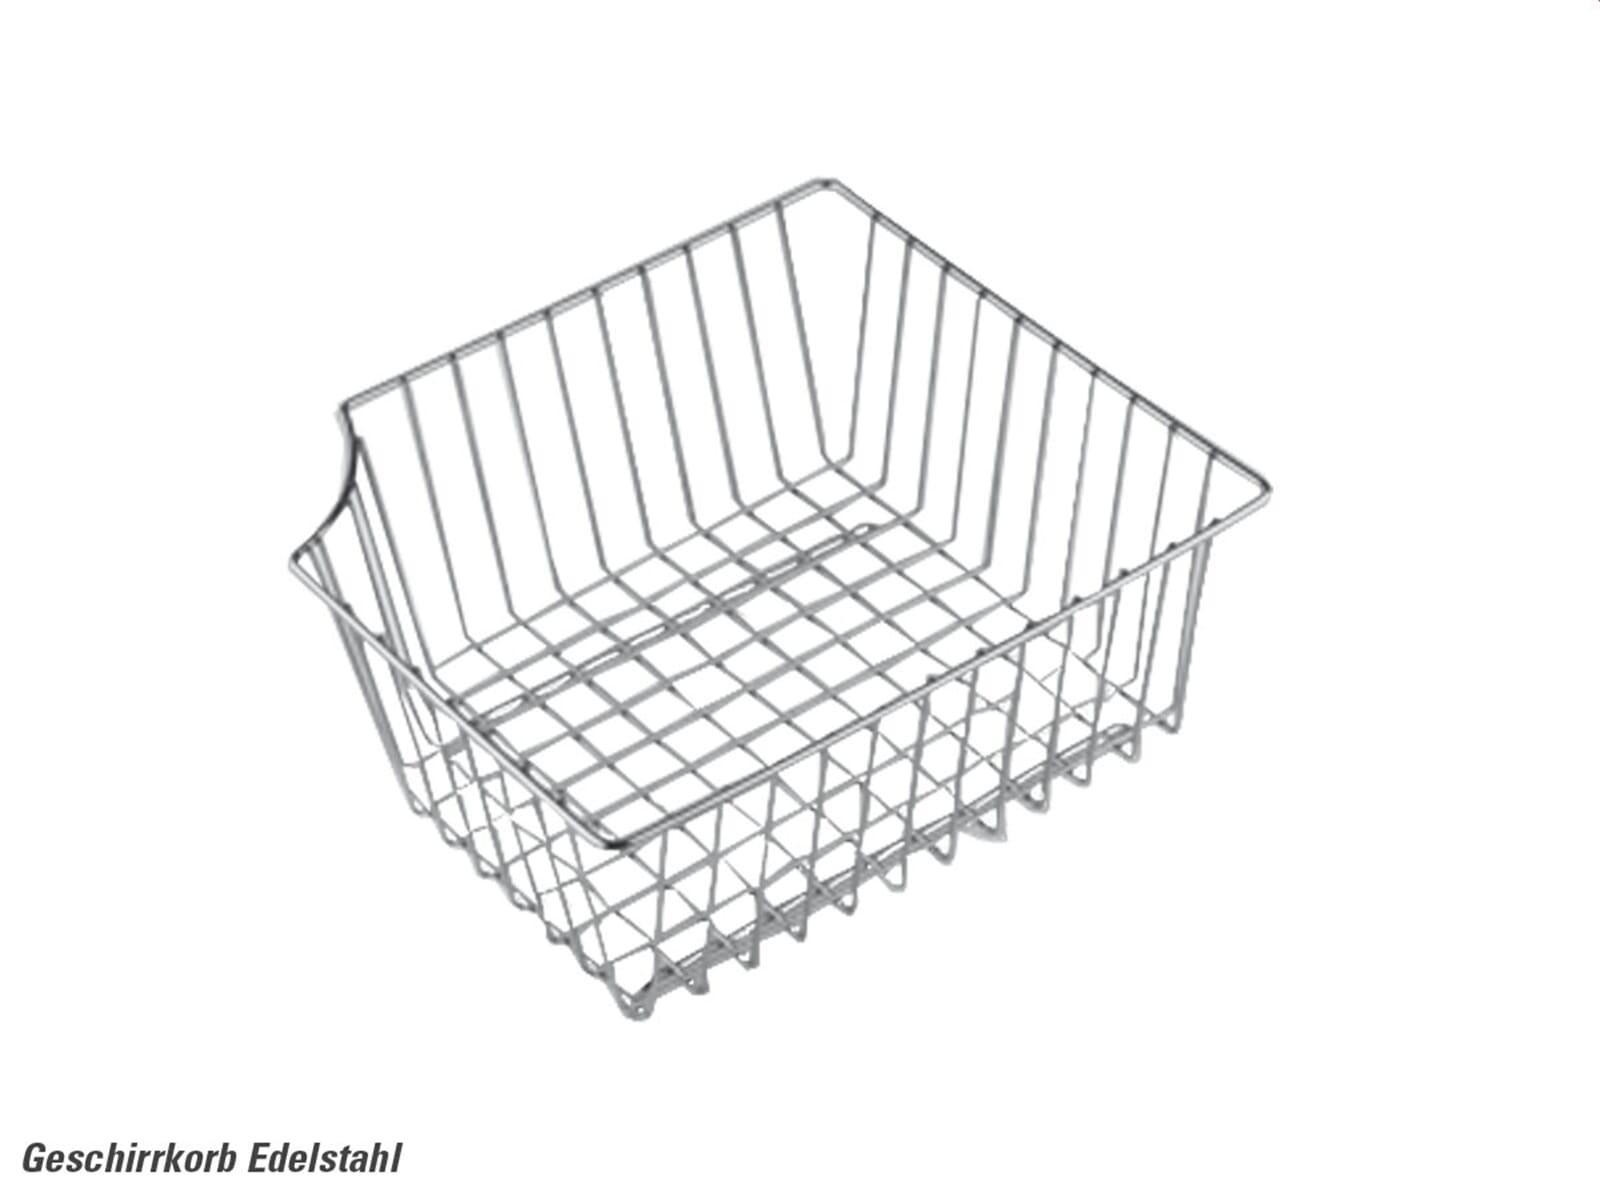 Produktabbildung Geschirrkorb Edelstahl 0819